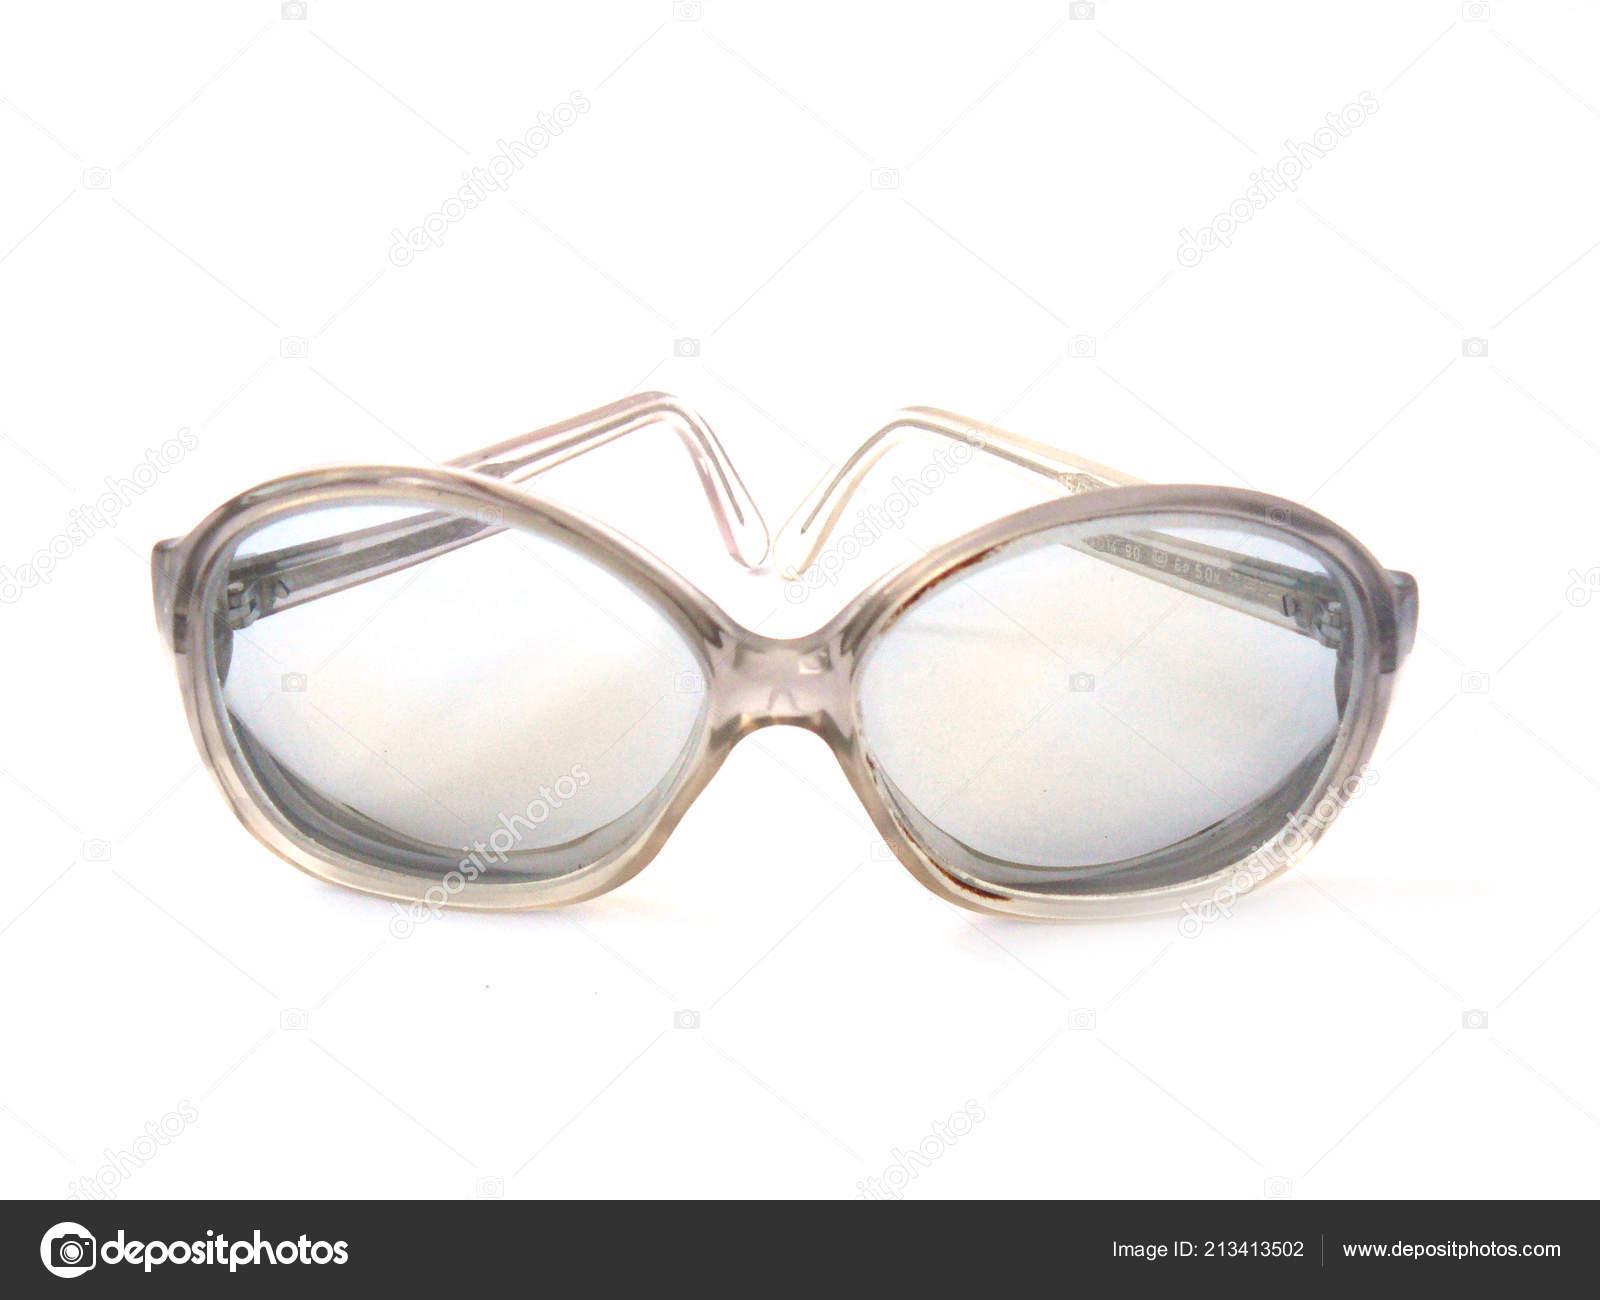 Brýle Brýle Plastový Rám Sovětské Brýle Vintage Brýle Brýle Sssr ... 6ebccfea508